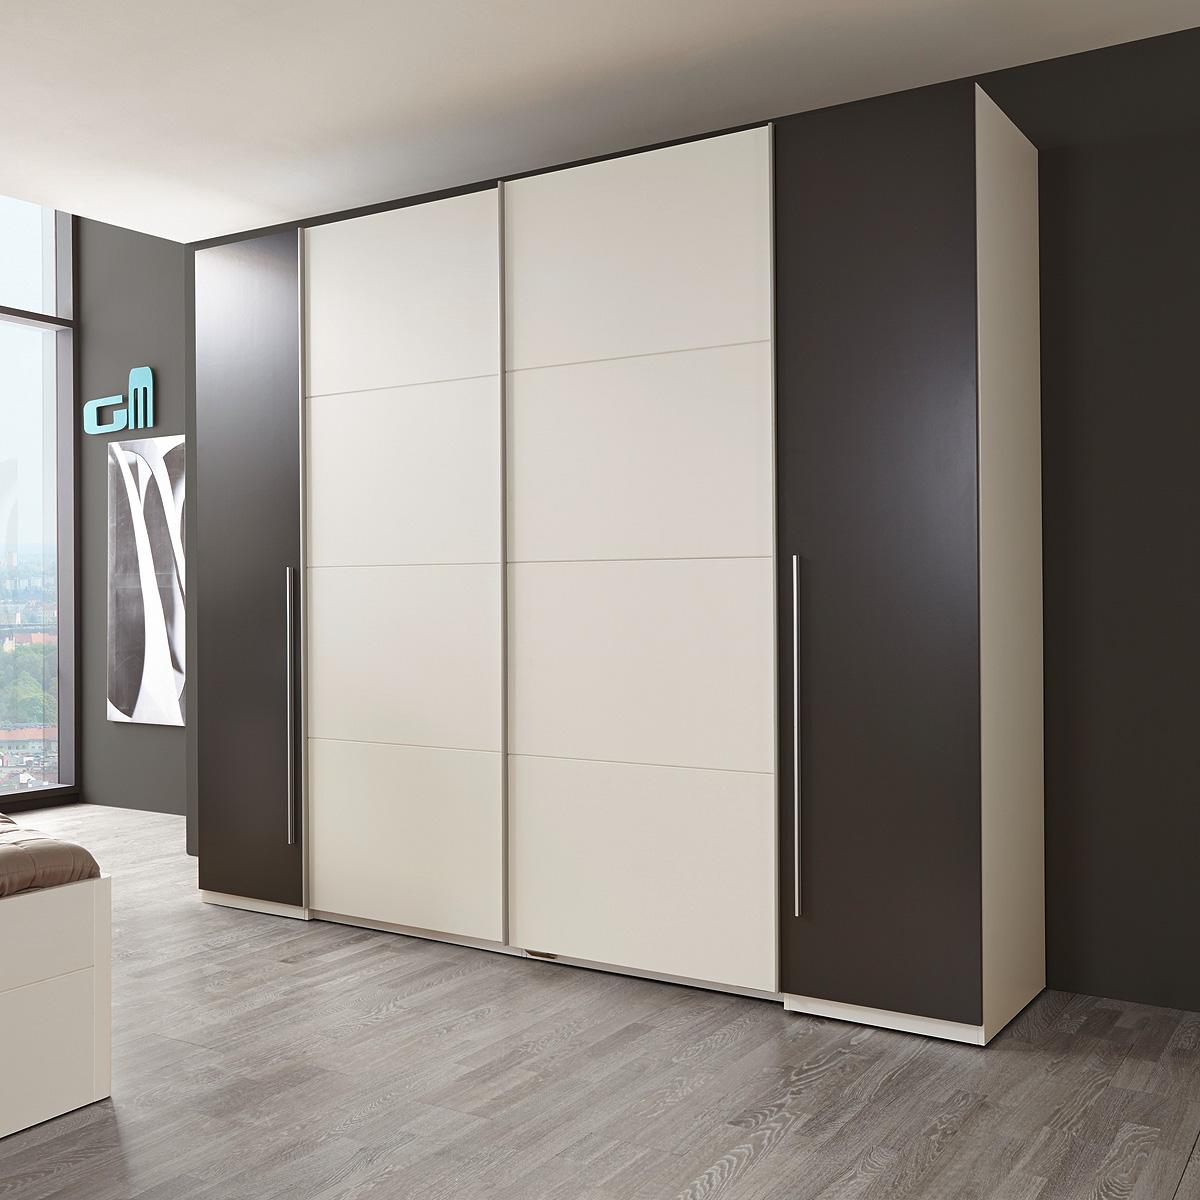 schwebet renschrank match kleiderschrank 270 cm oder 315 cm 2 bis 4 t rig ebay. Black Bedroom Furniture Sets. Home Design Ideas